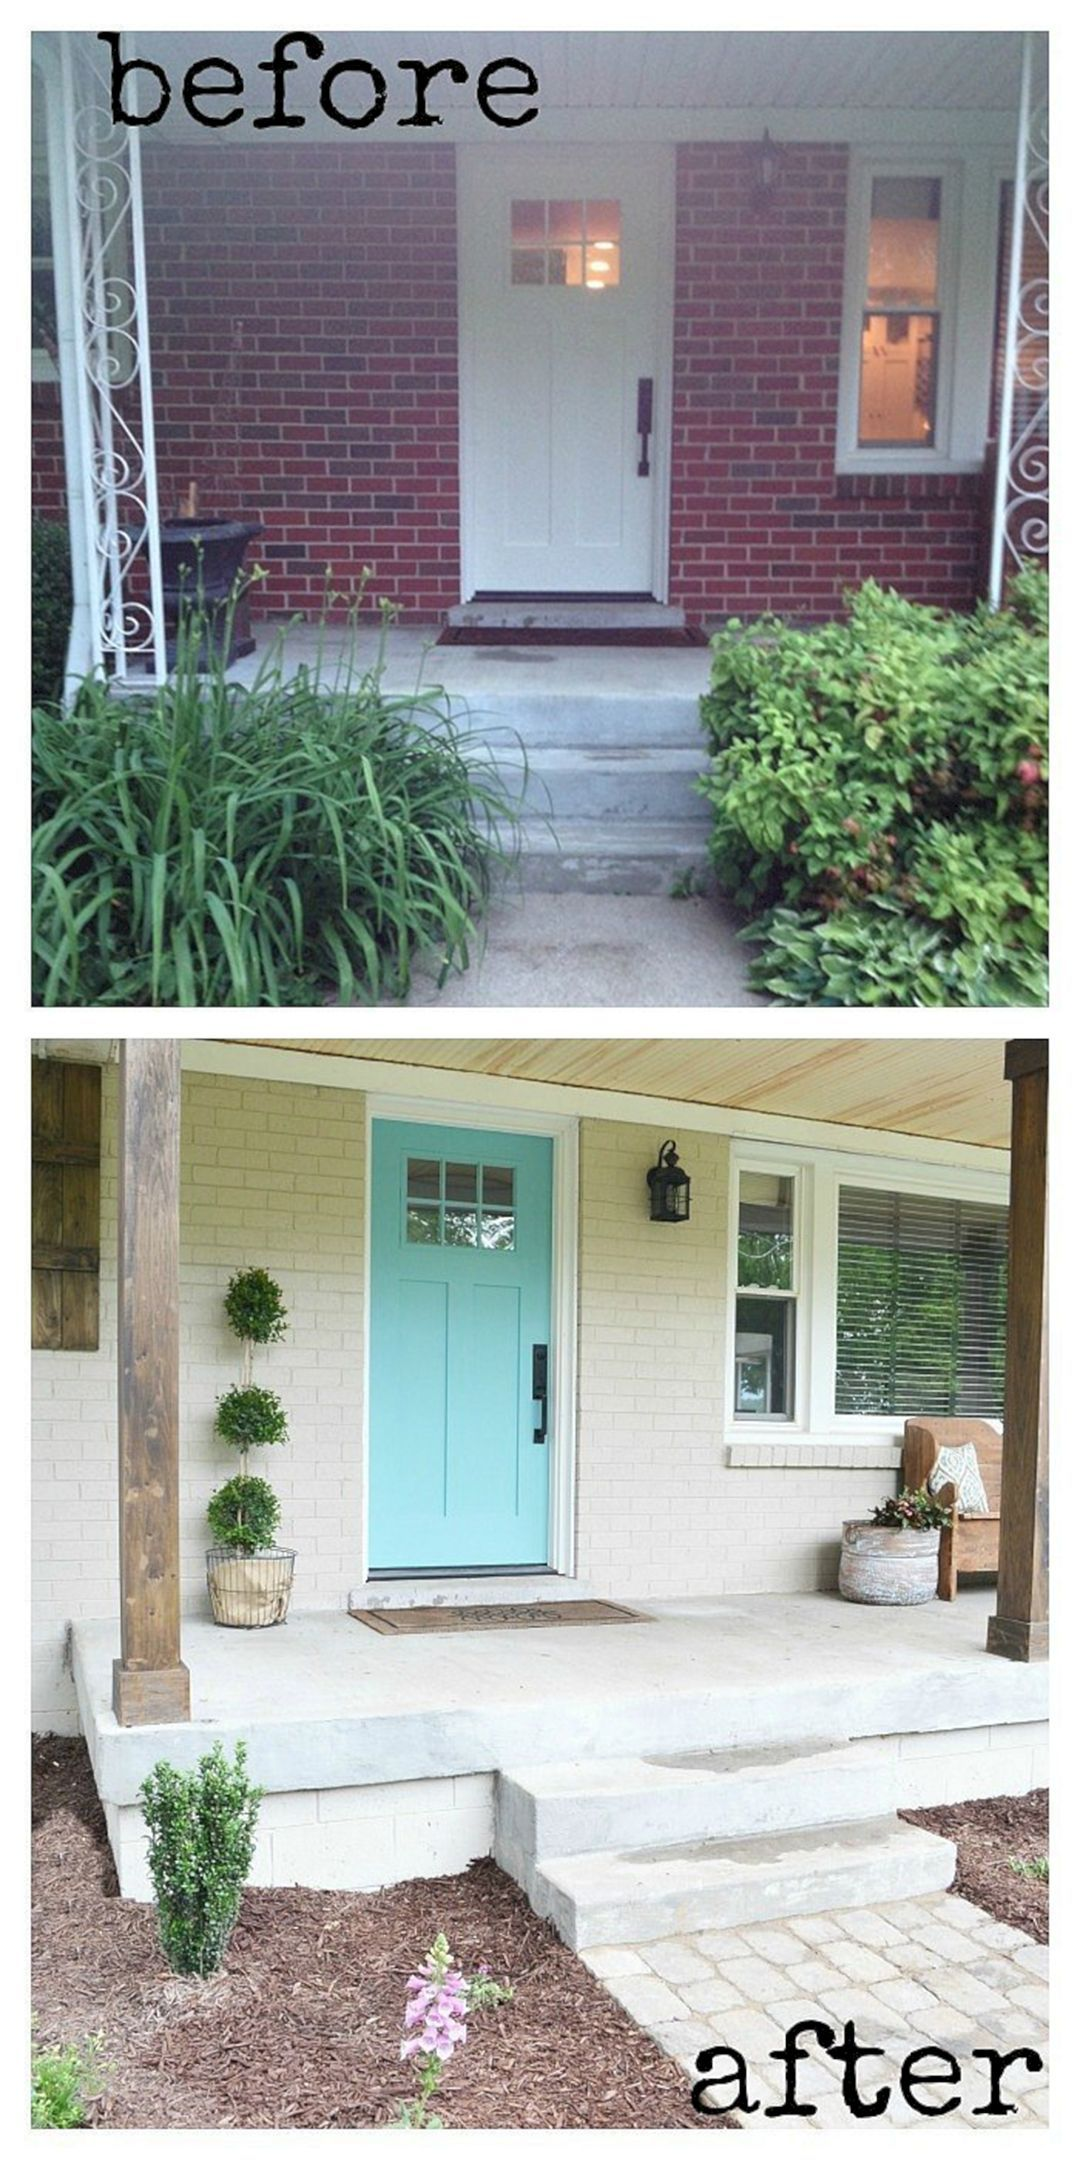 Ziegelhaus design außen pin von judith wilkinson auf home renovation on a budget  pinterest